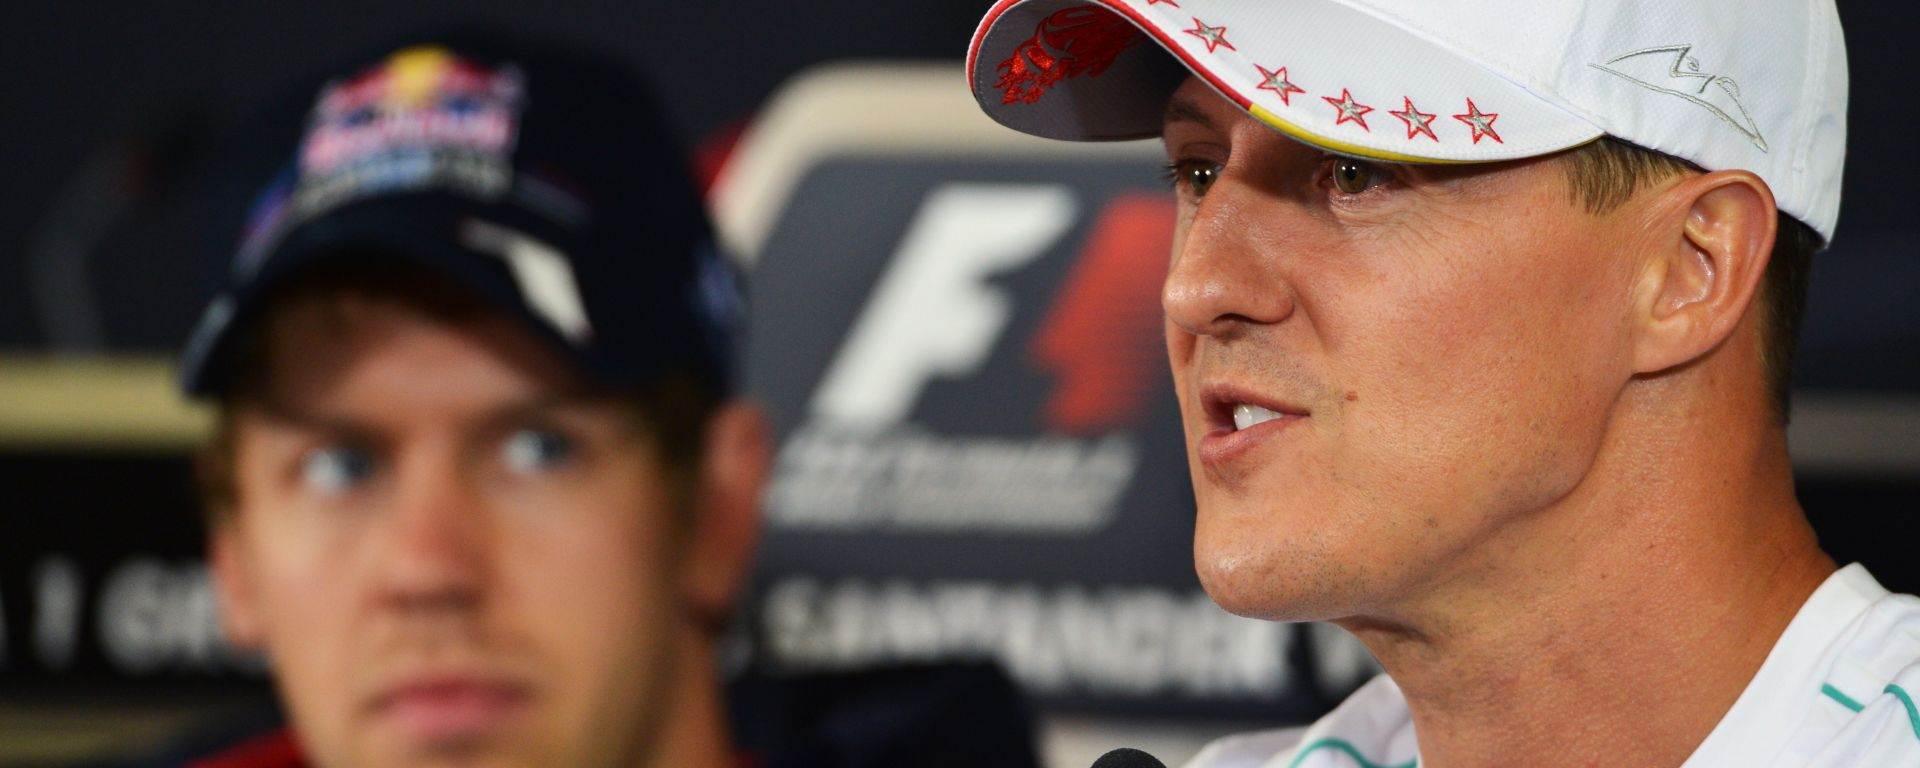 F1 2012: Sebastian Vettel e Michael Schumacher